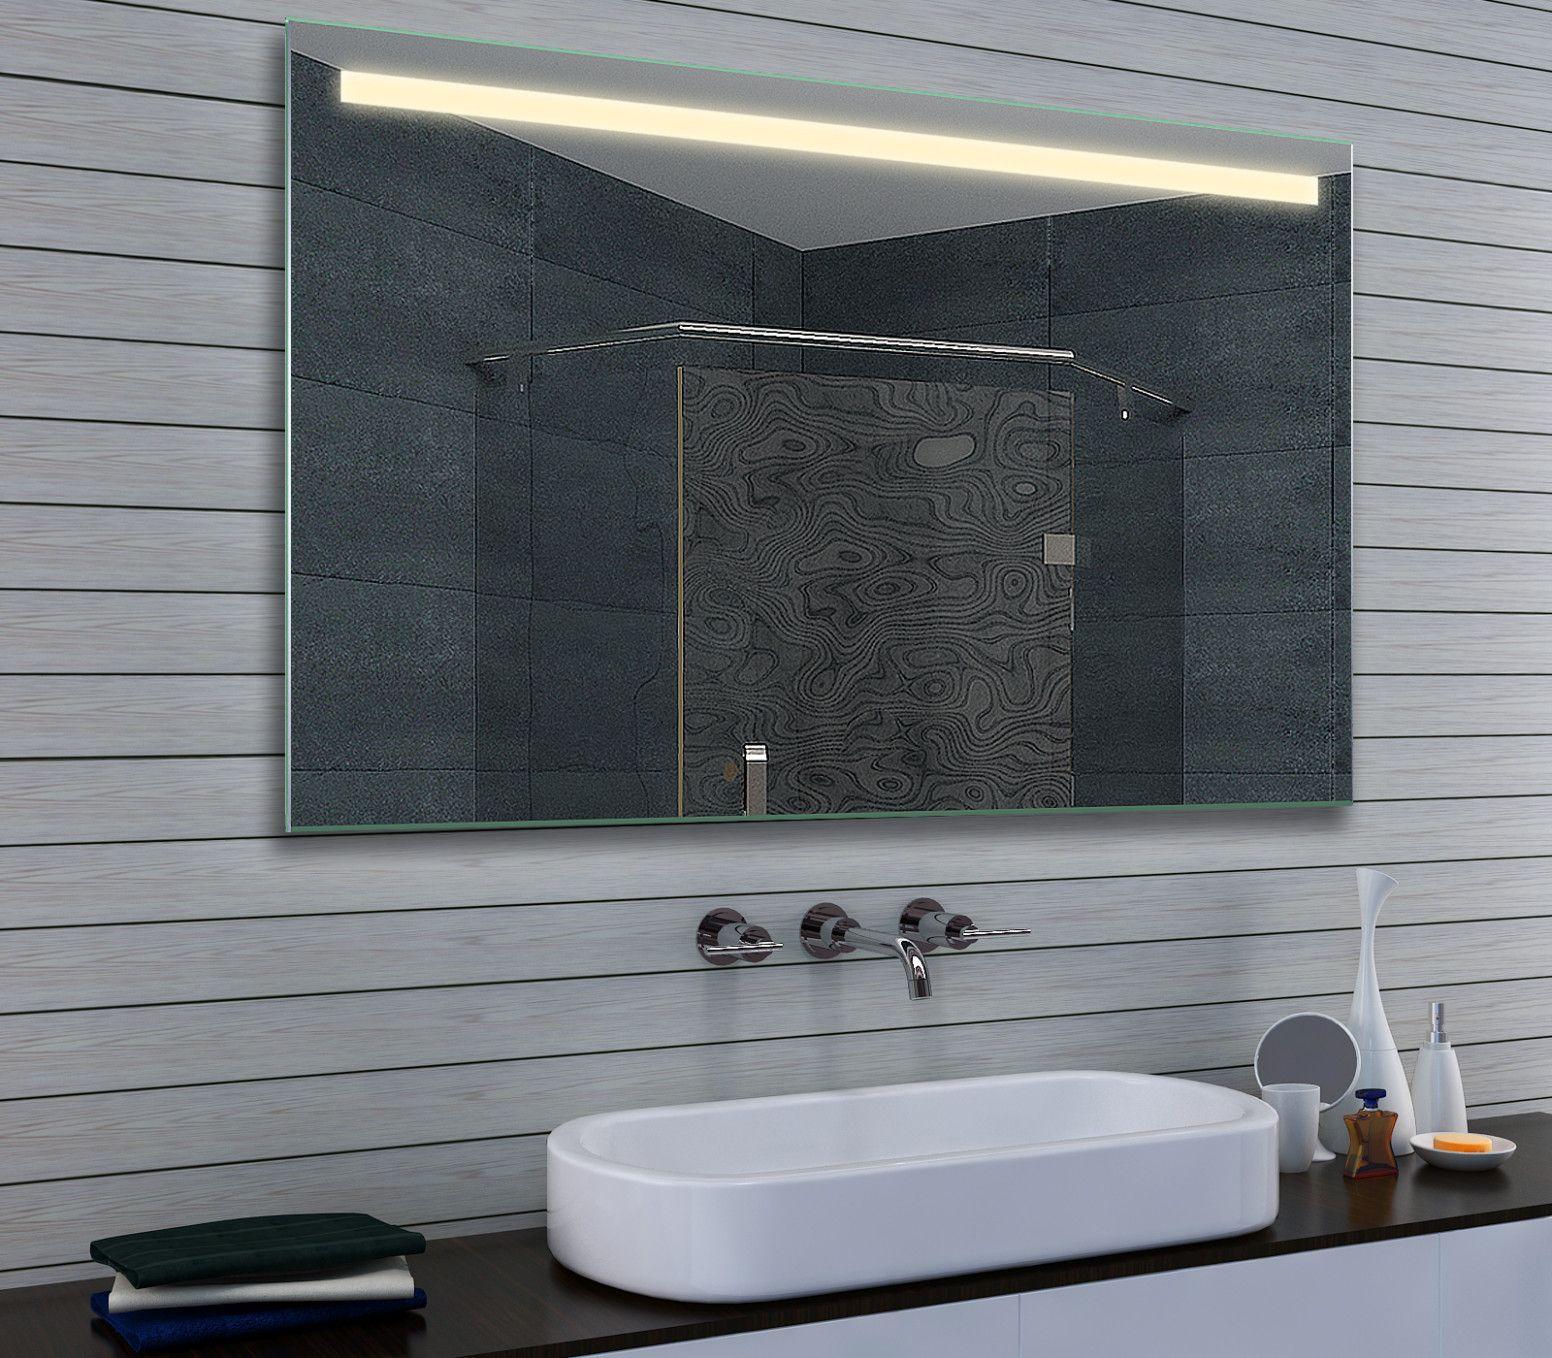 11 Badezimmerspiegel Mit Beleuchtung In 2020 Badezimmerspiegel Beleuchtung Badezimmerspiegel Beleuchtung